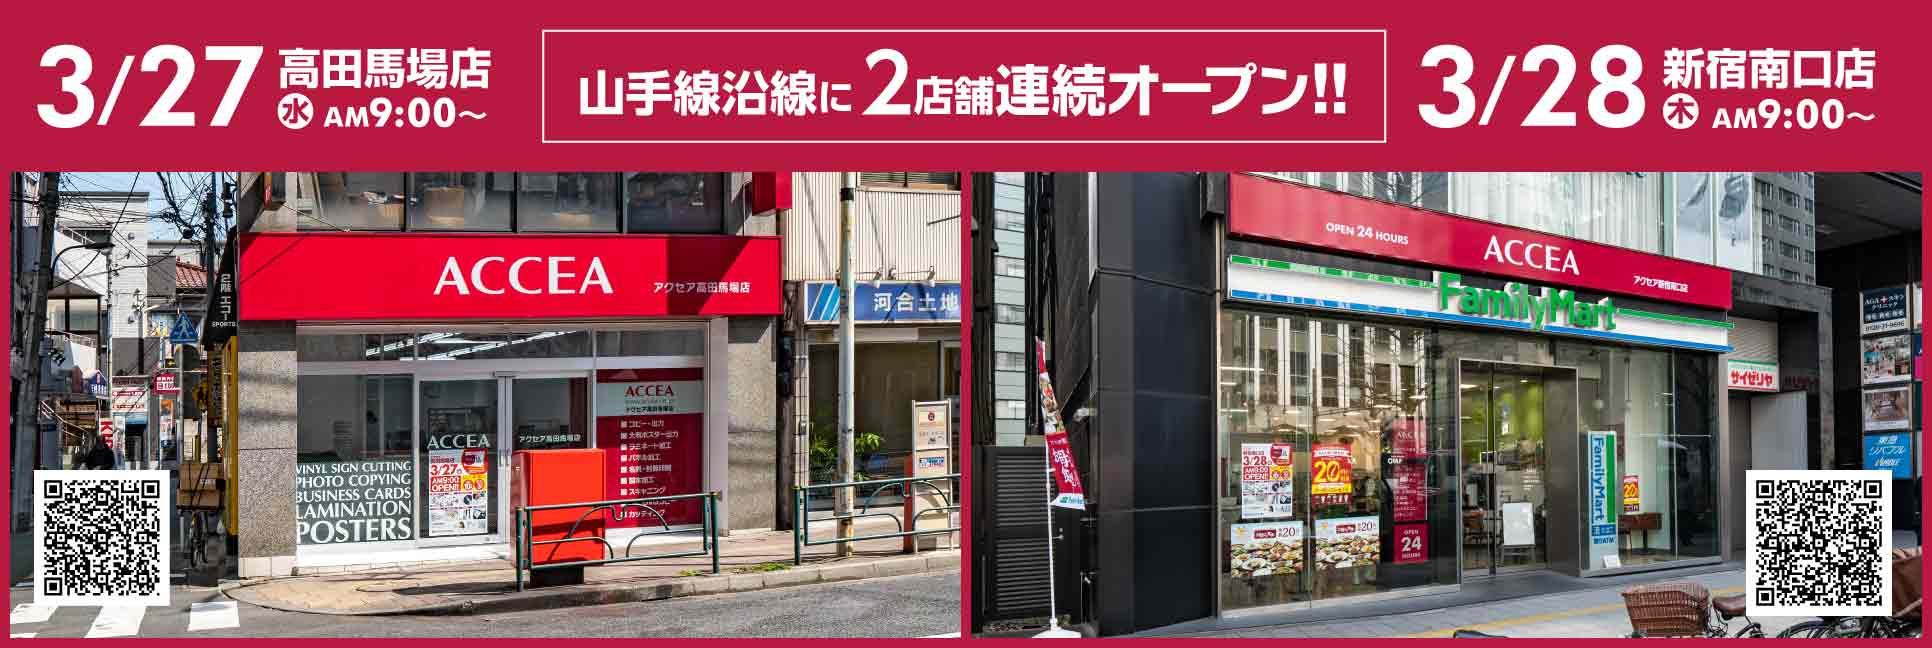 3/27高田馬場店、3/28新宿南口店オープン!